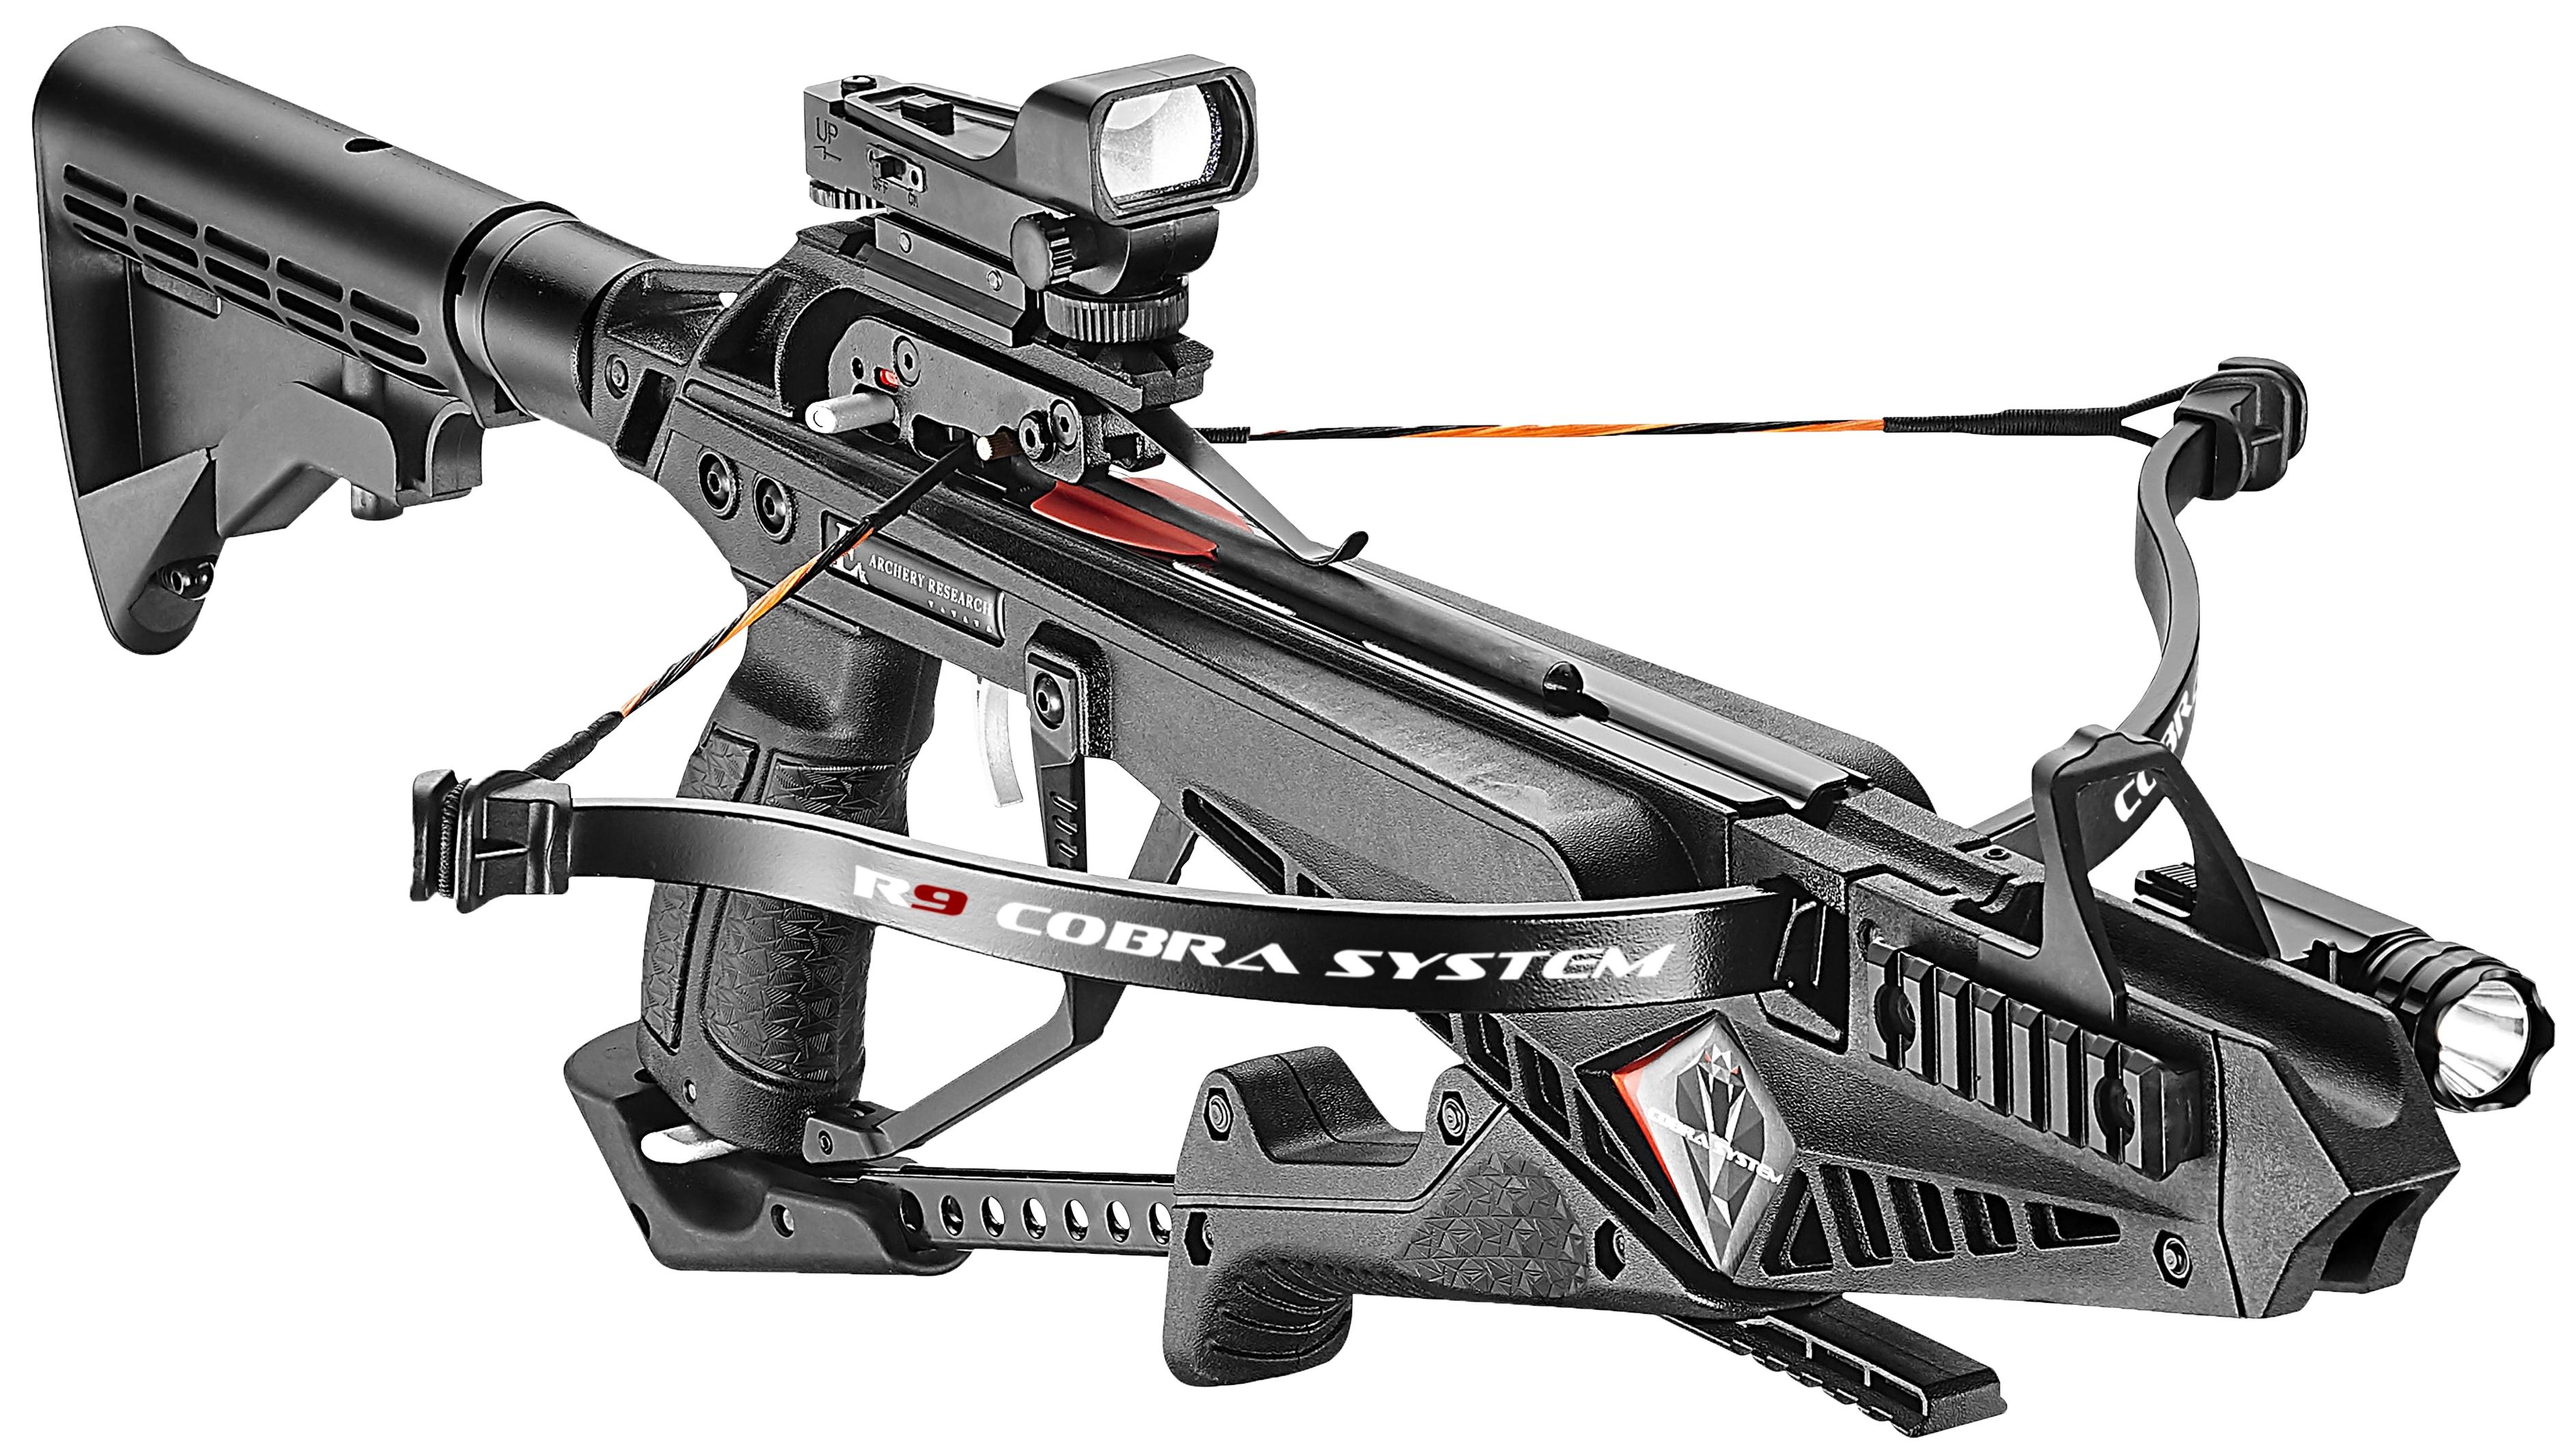 Nieuw! De Cobra R9 van EK Archery